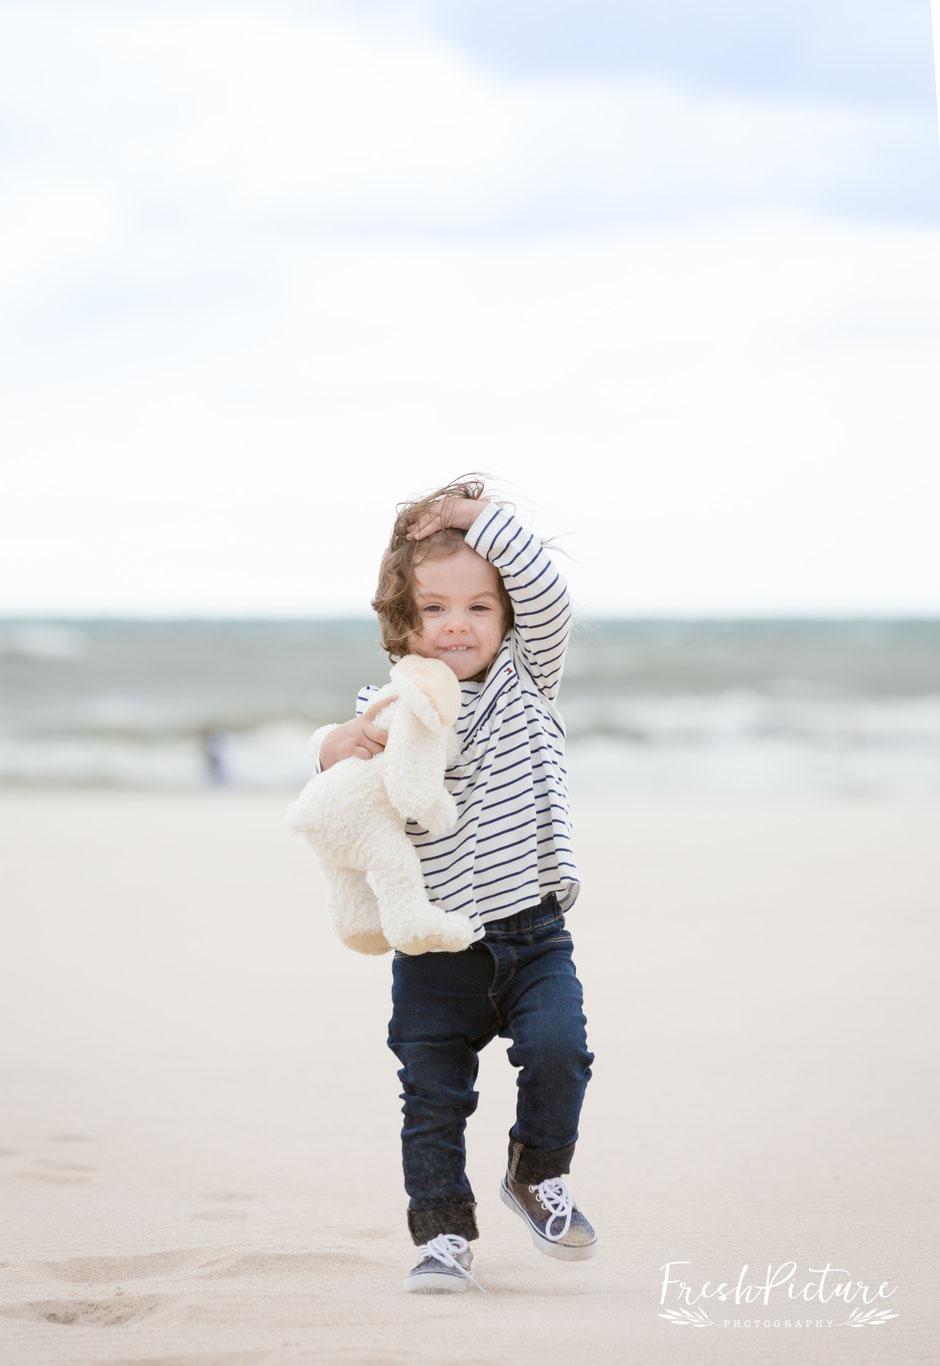 Süßes Kleinkind am Beach im Sommer im Urlaub mit Fotograf